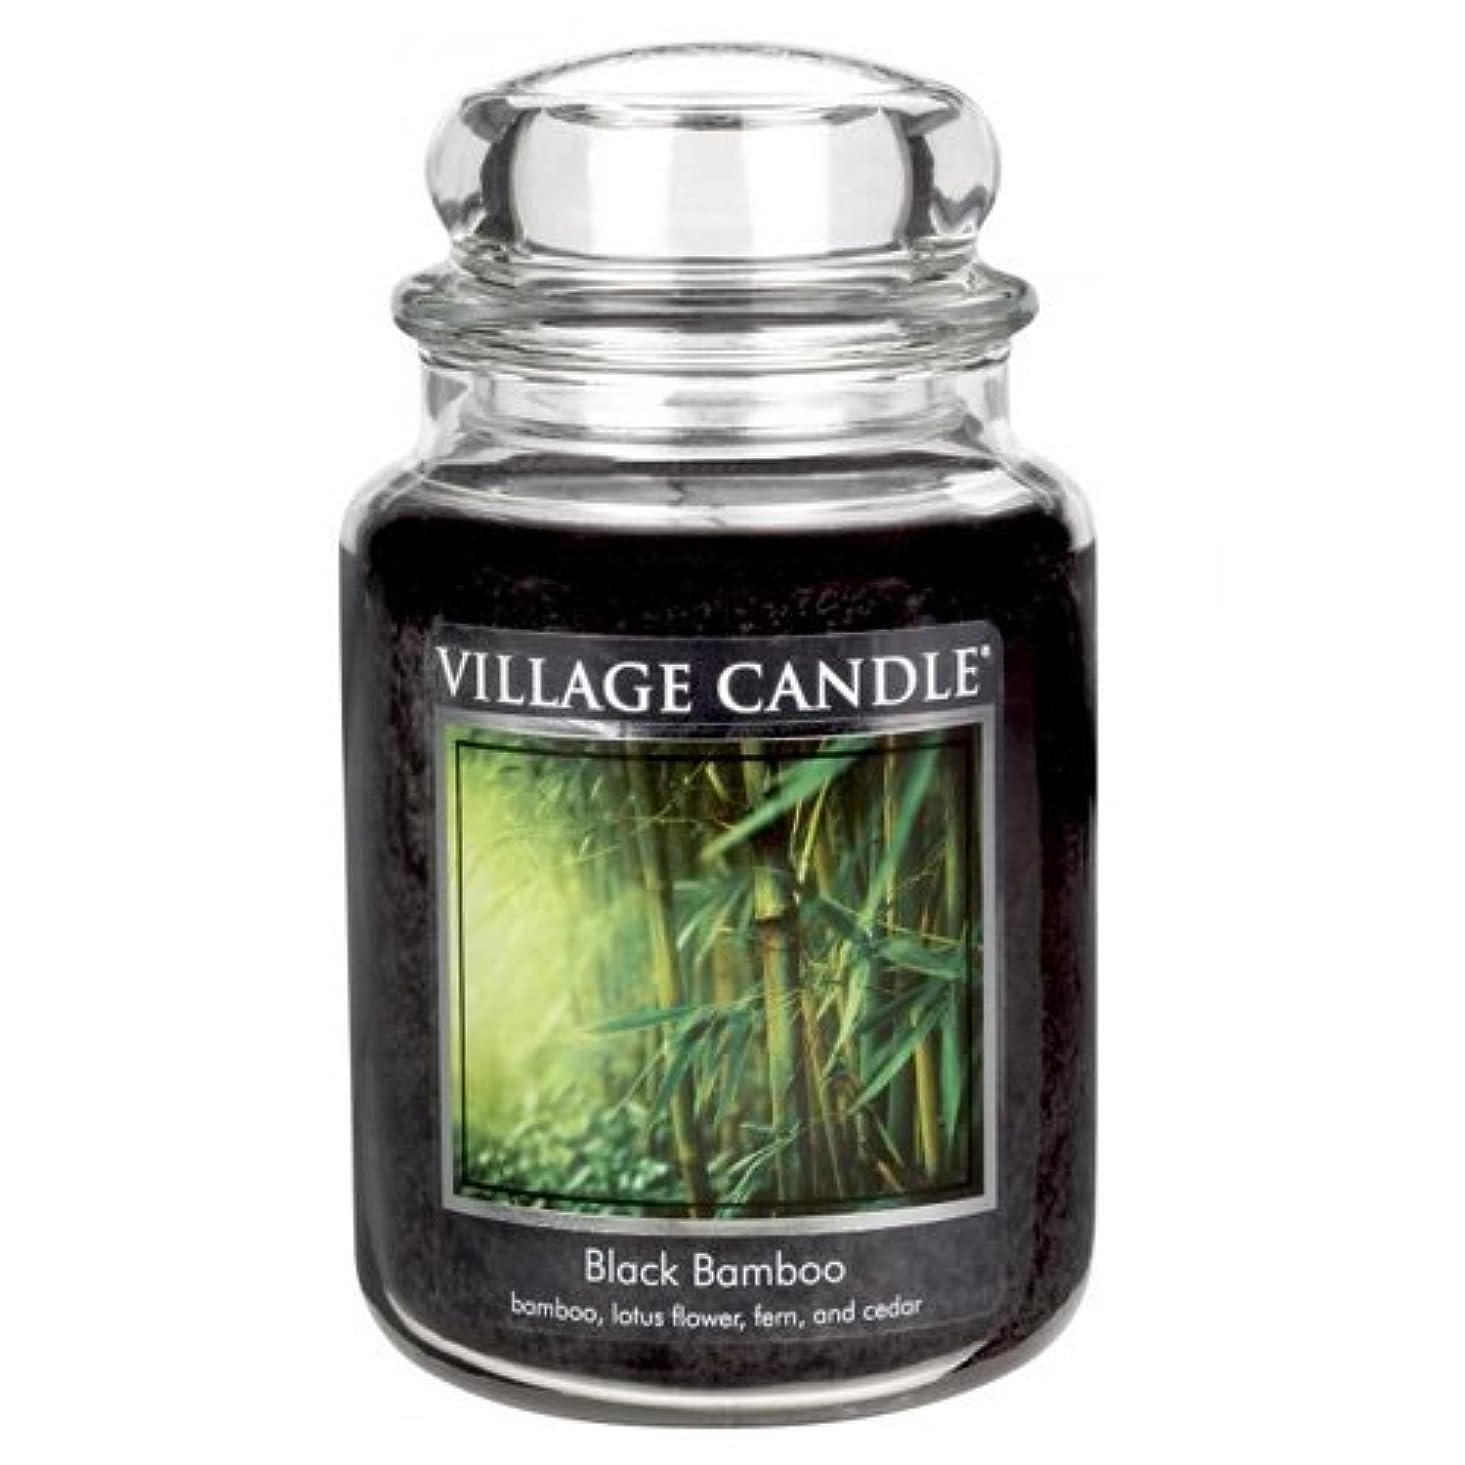 配分小石放課後Village Candle Large Fragranced Candle Jar?つ - 17cm x 10cm - 26oz (1219g)- Black Bamboo - upto 170 hours burn...